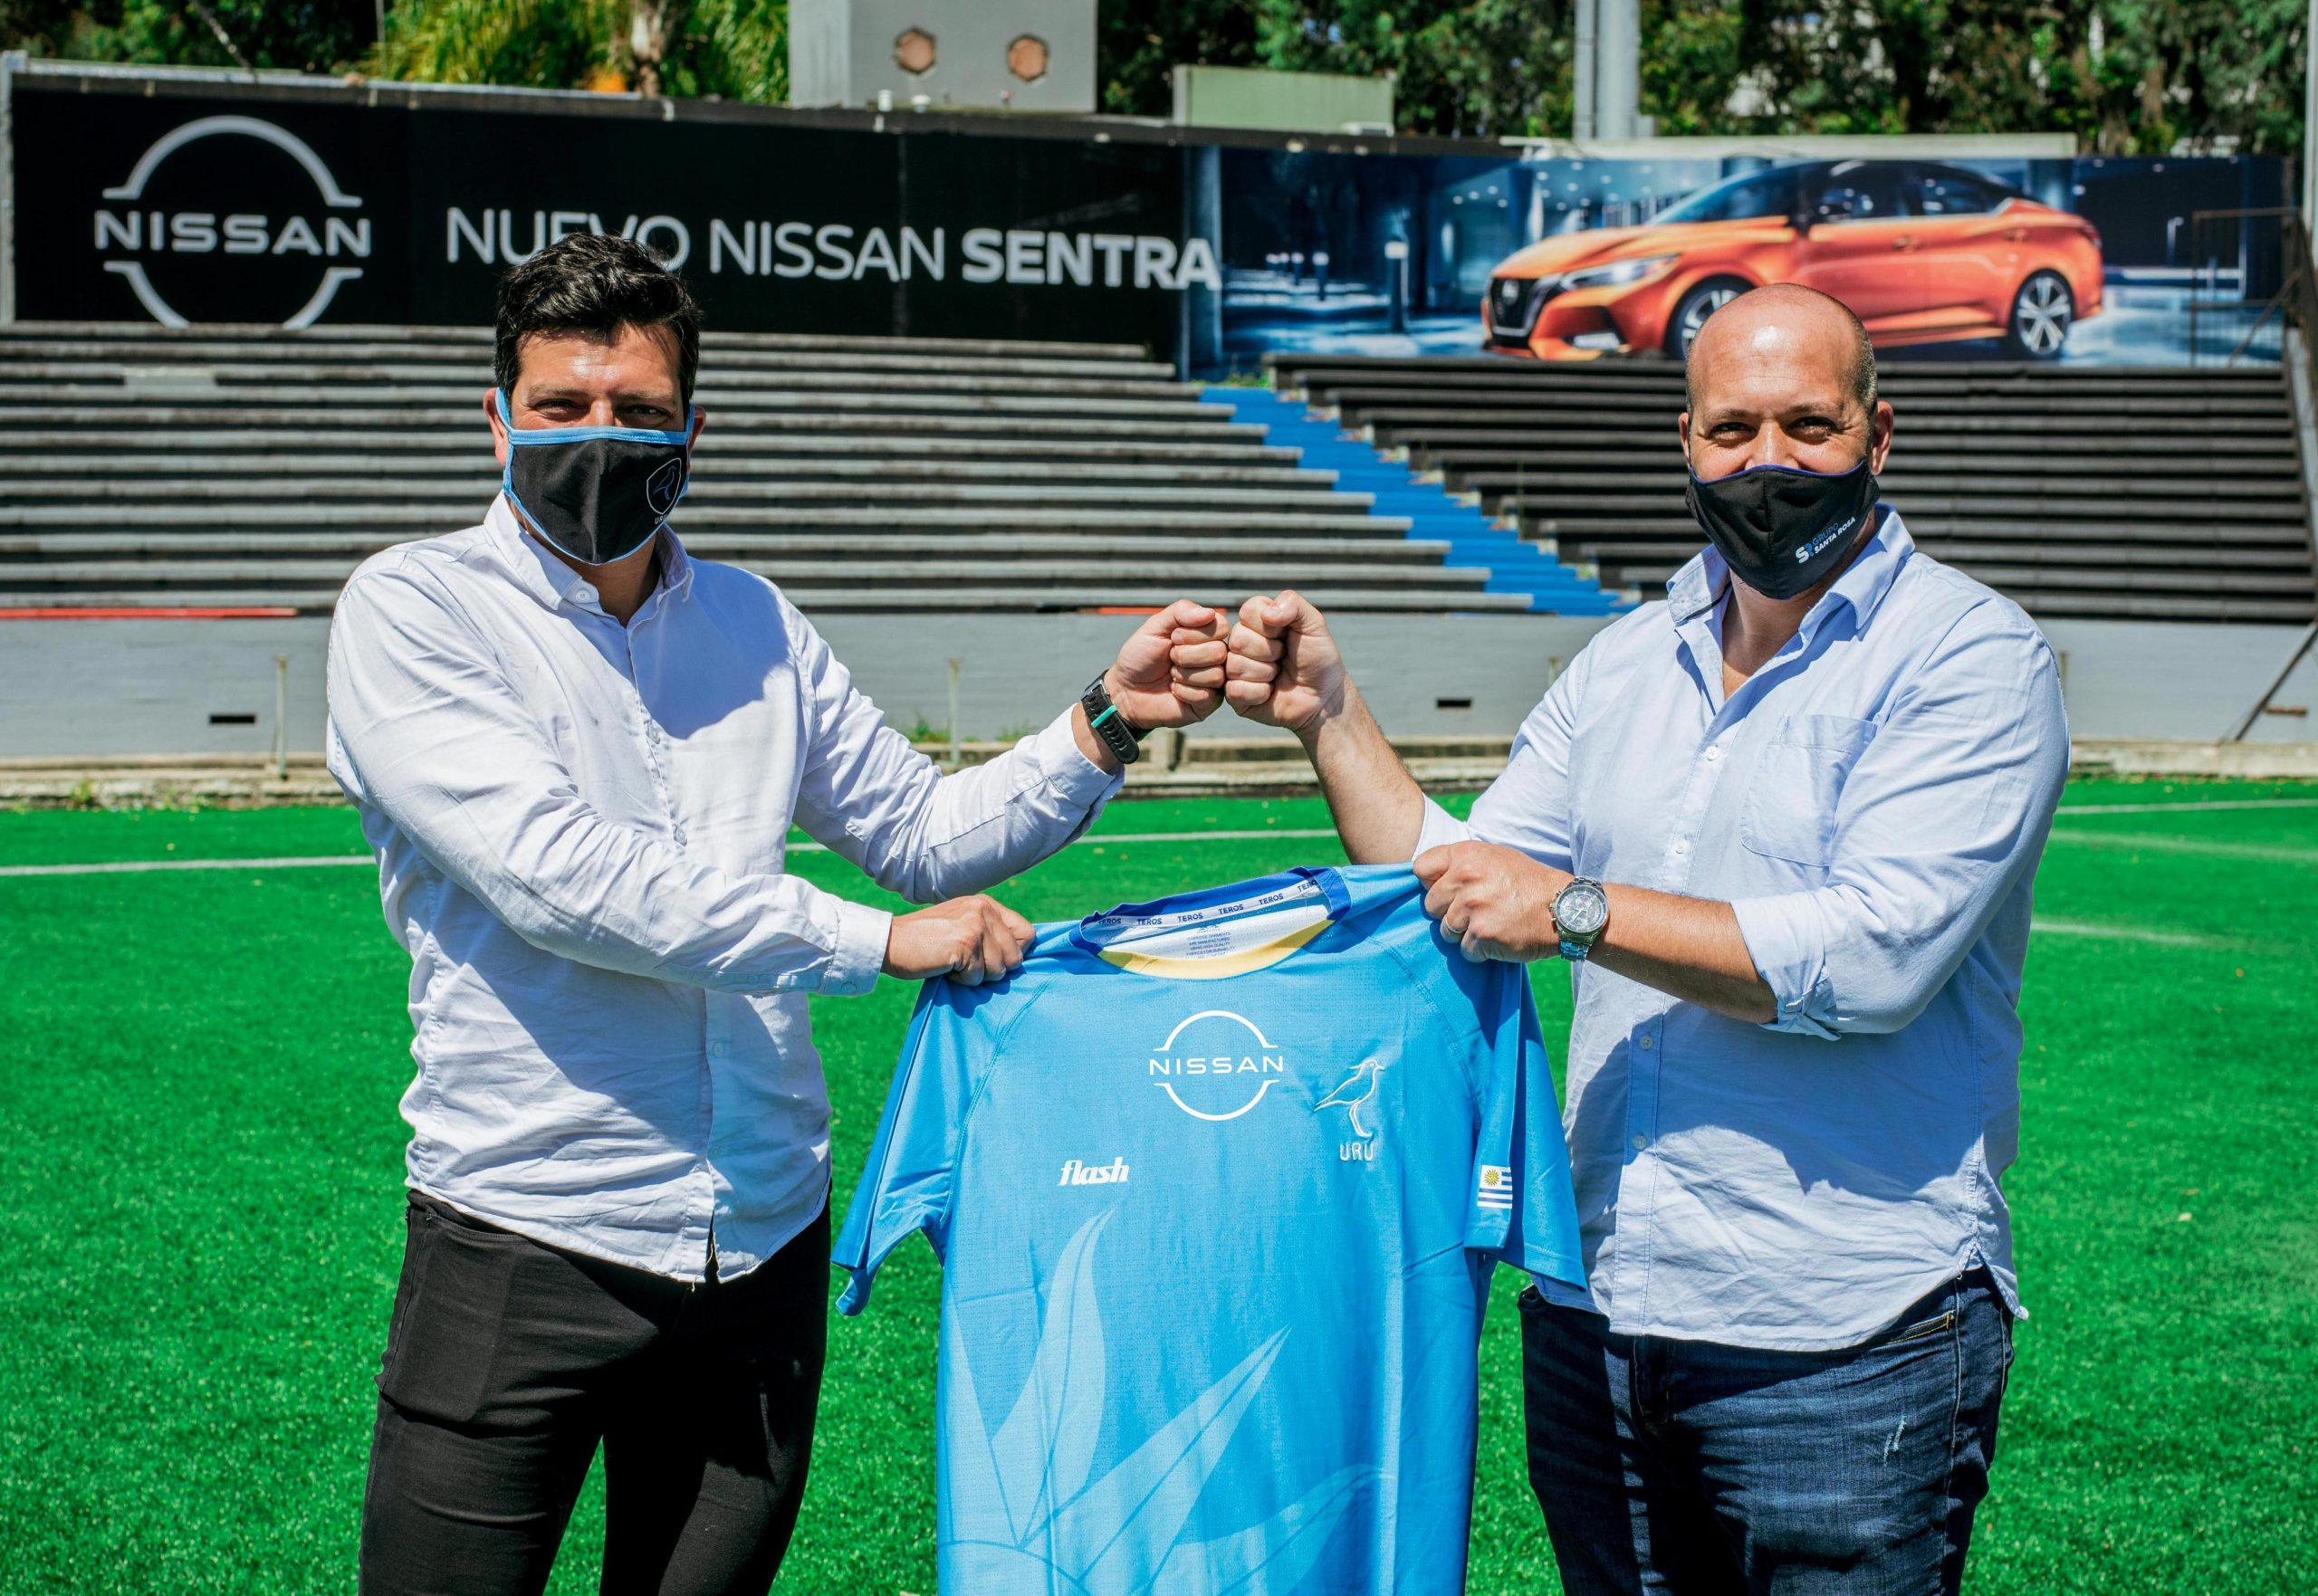 Nissan es el nuevo sponsor oficial de la Unión de Rugby del Uruguay